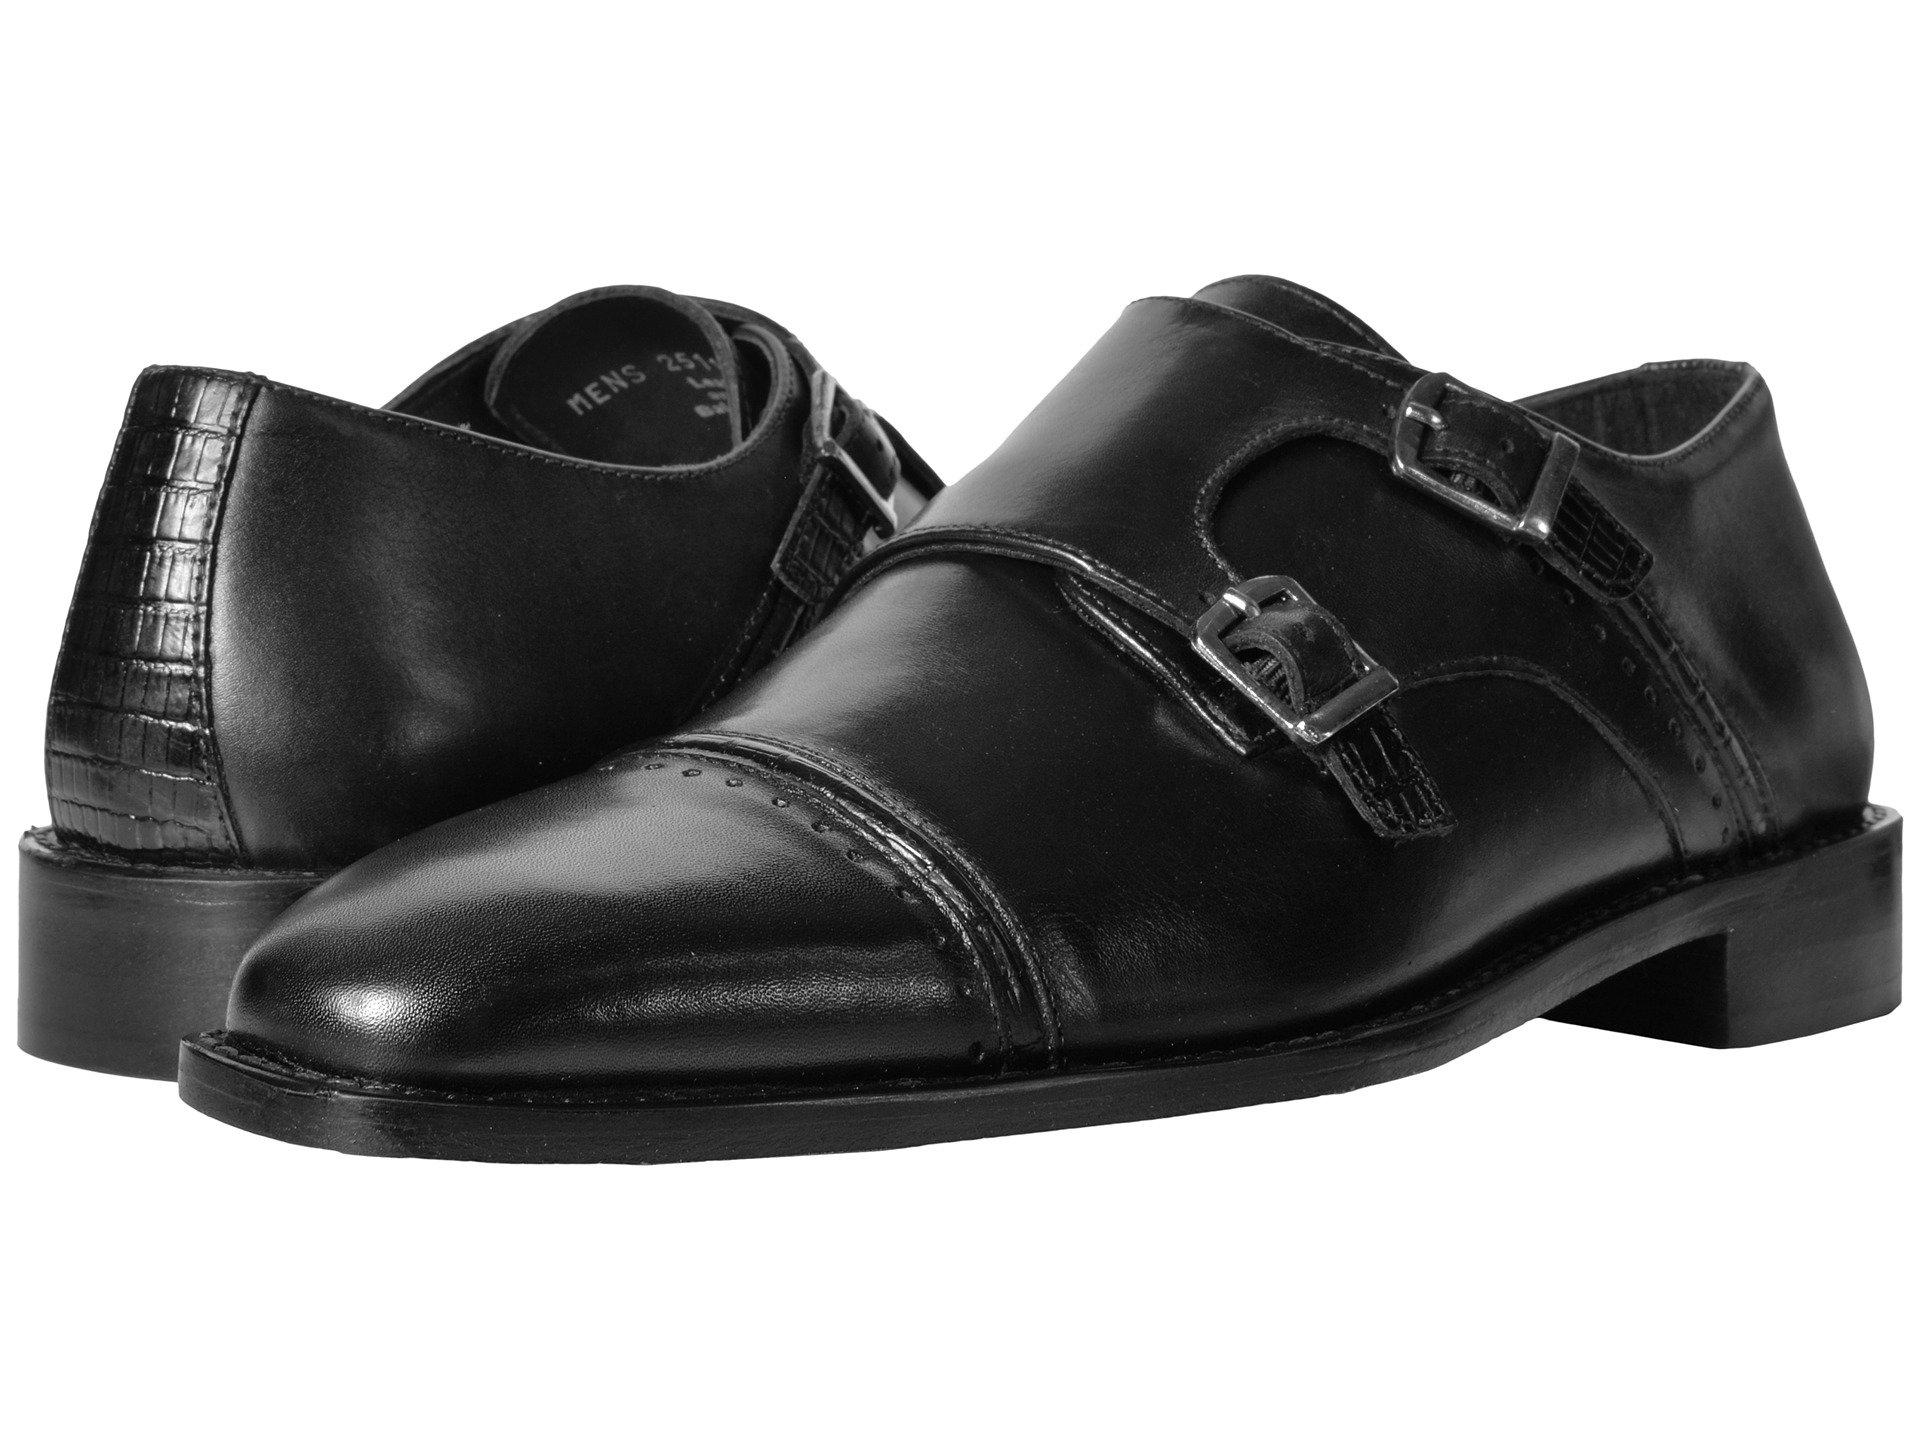 4eb871526a9 Men s Memory Foam Stacy Adams Shoes + FREE SHIPPING